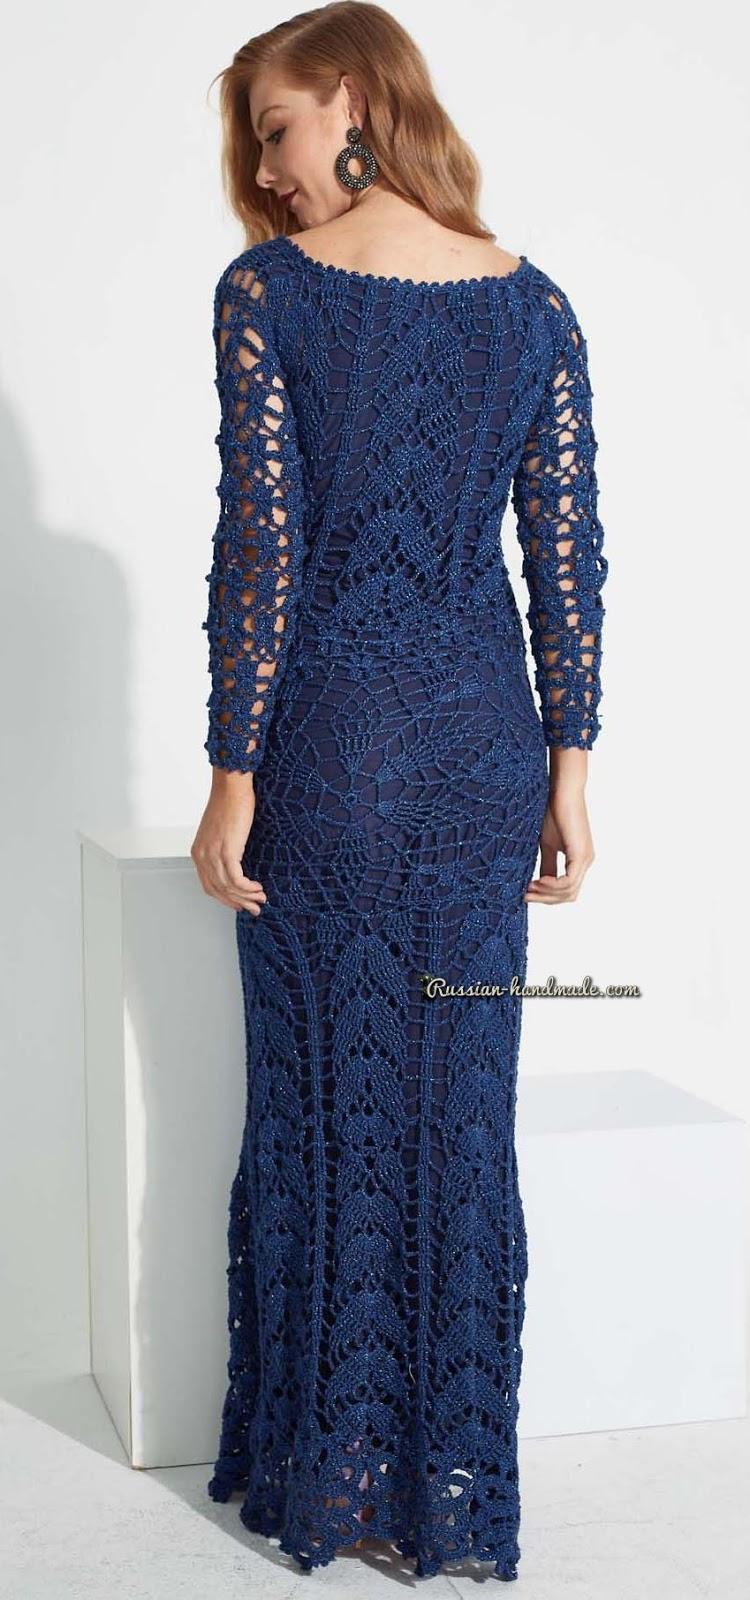 Схема вязания крючком длинного платья